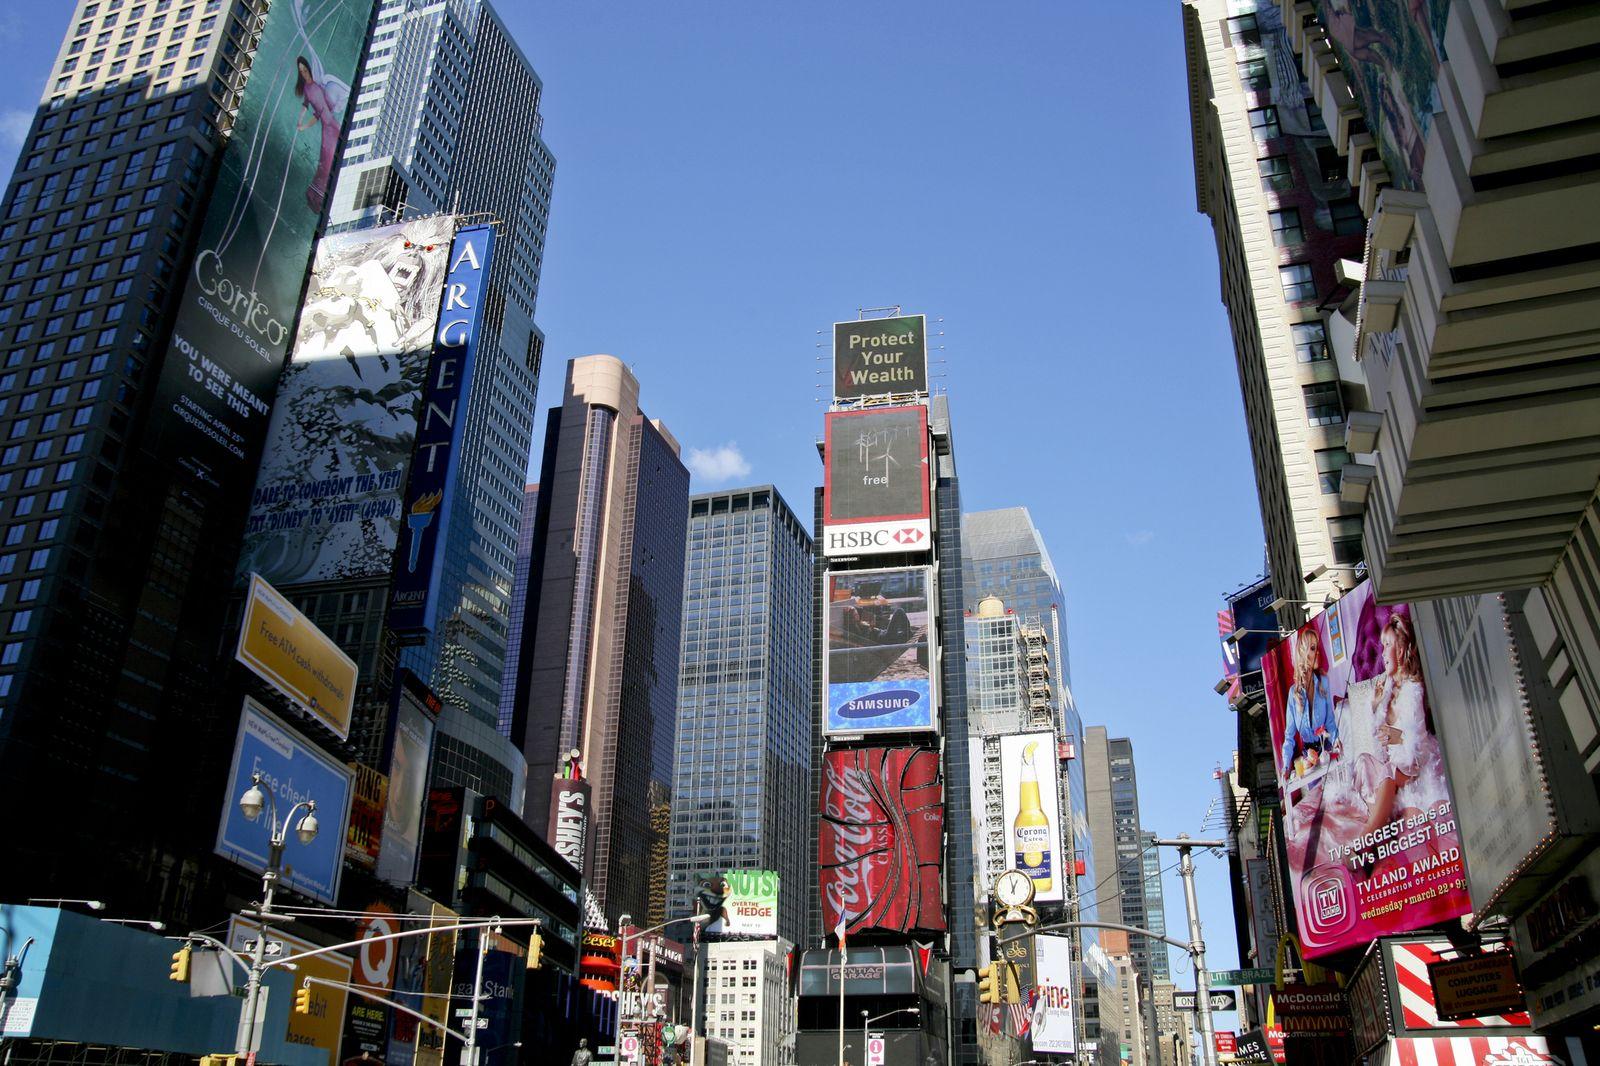 ニューヨーク、ベストプランはこれだ!NY最新人気観光スポットとおすすめグルメ16選 1枚目の画像